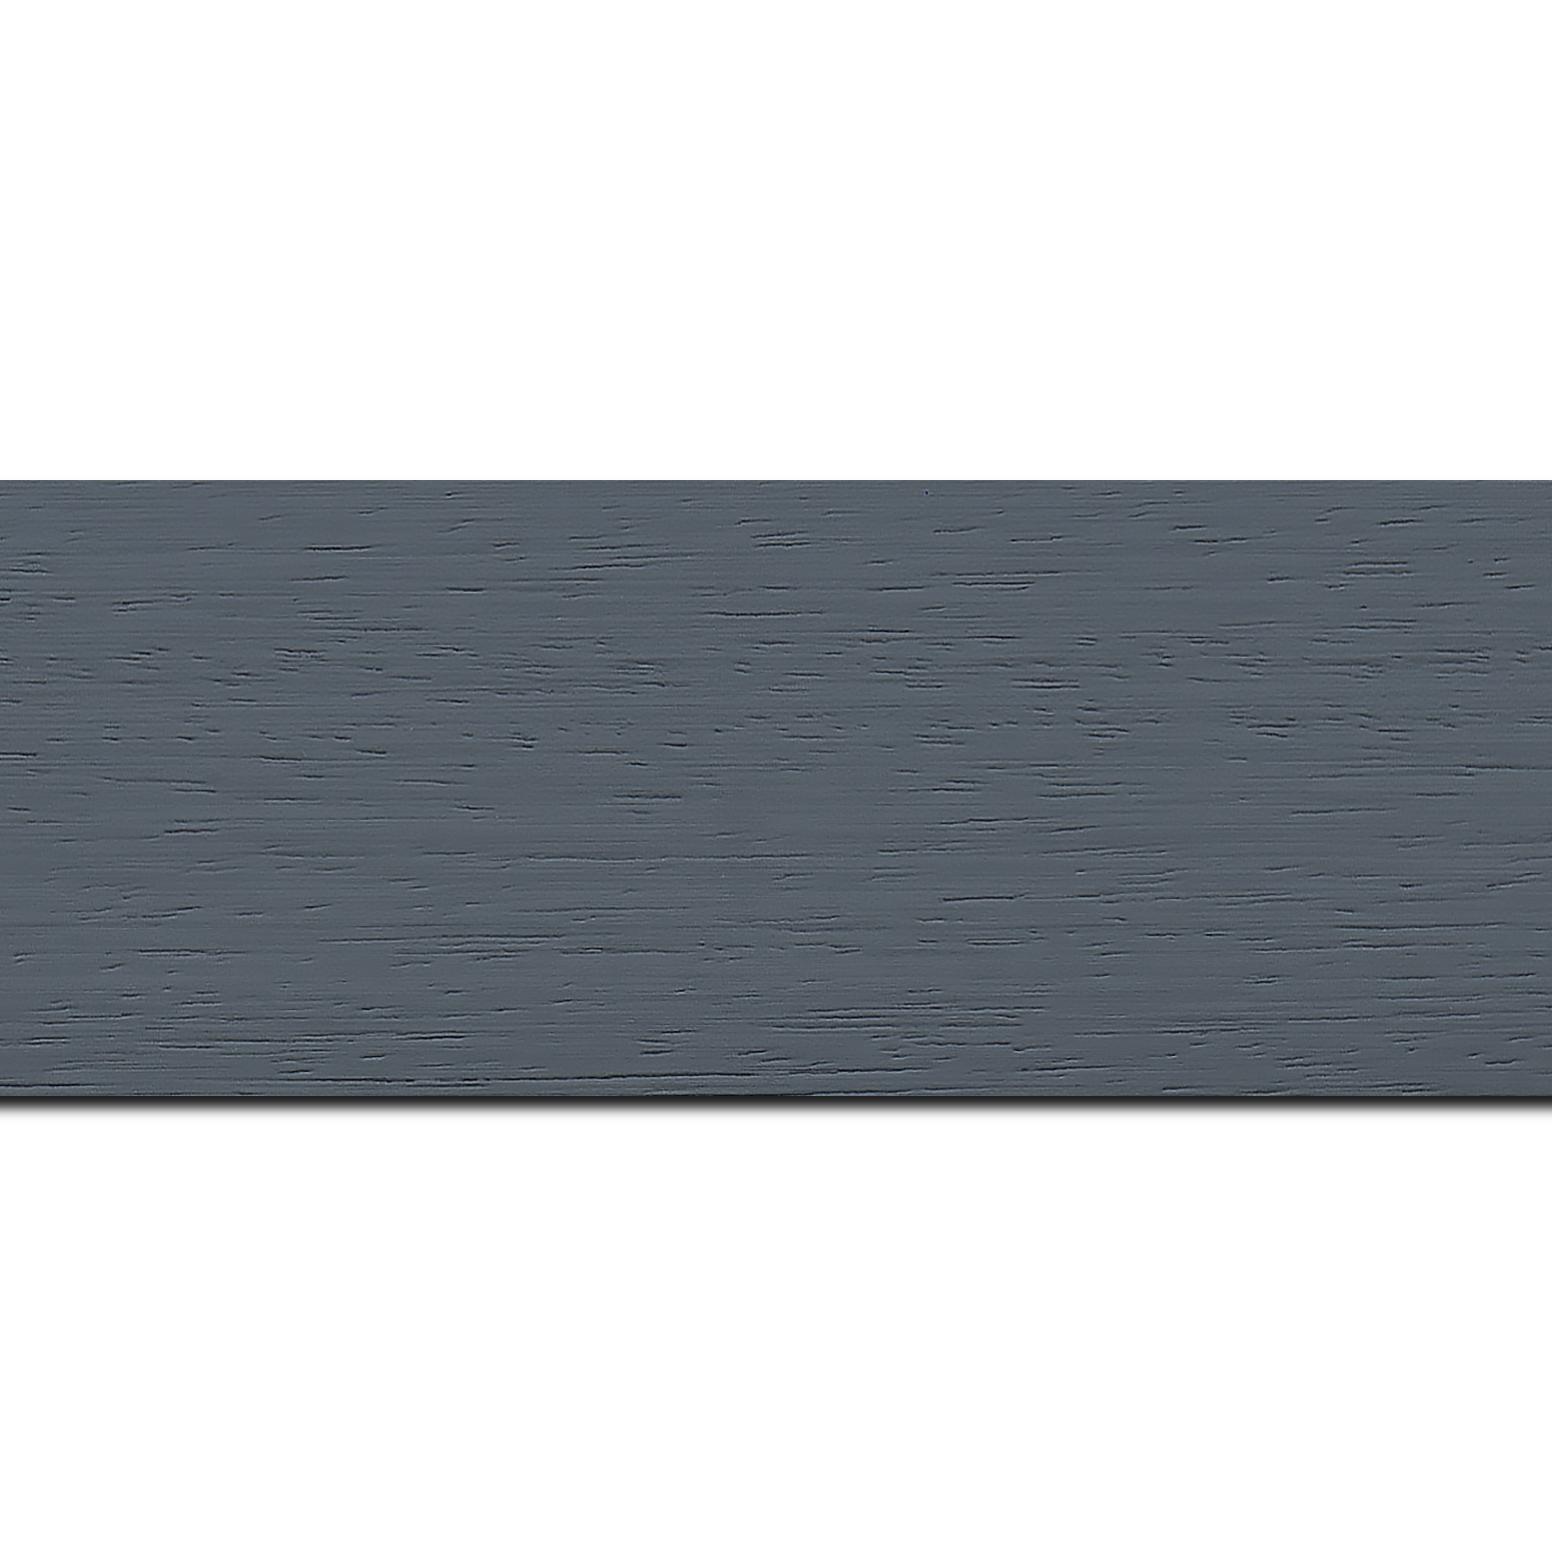 Pack par 12m, bois profil plat largeur 5.9cm couleur gris foncé satiné (longueur baguette pouvant varier entre 2.40m et 3m selon arrivage des bois)